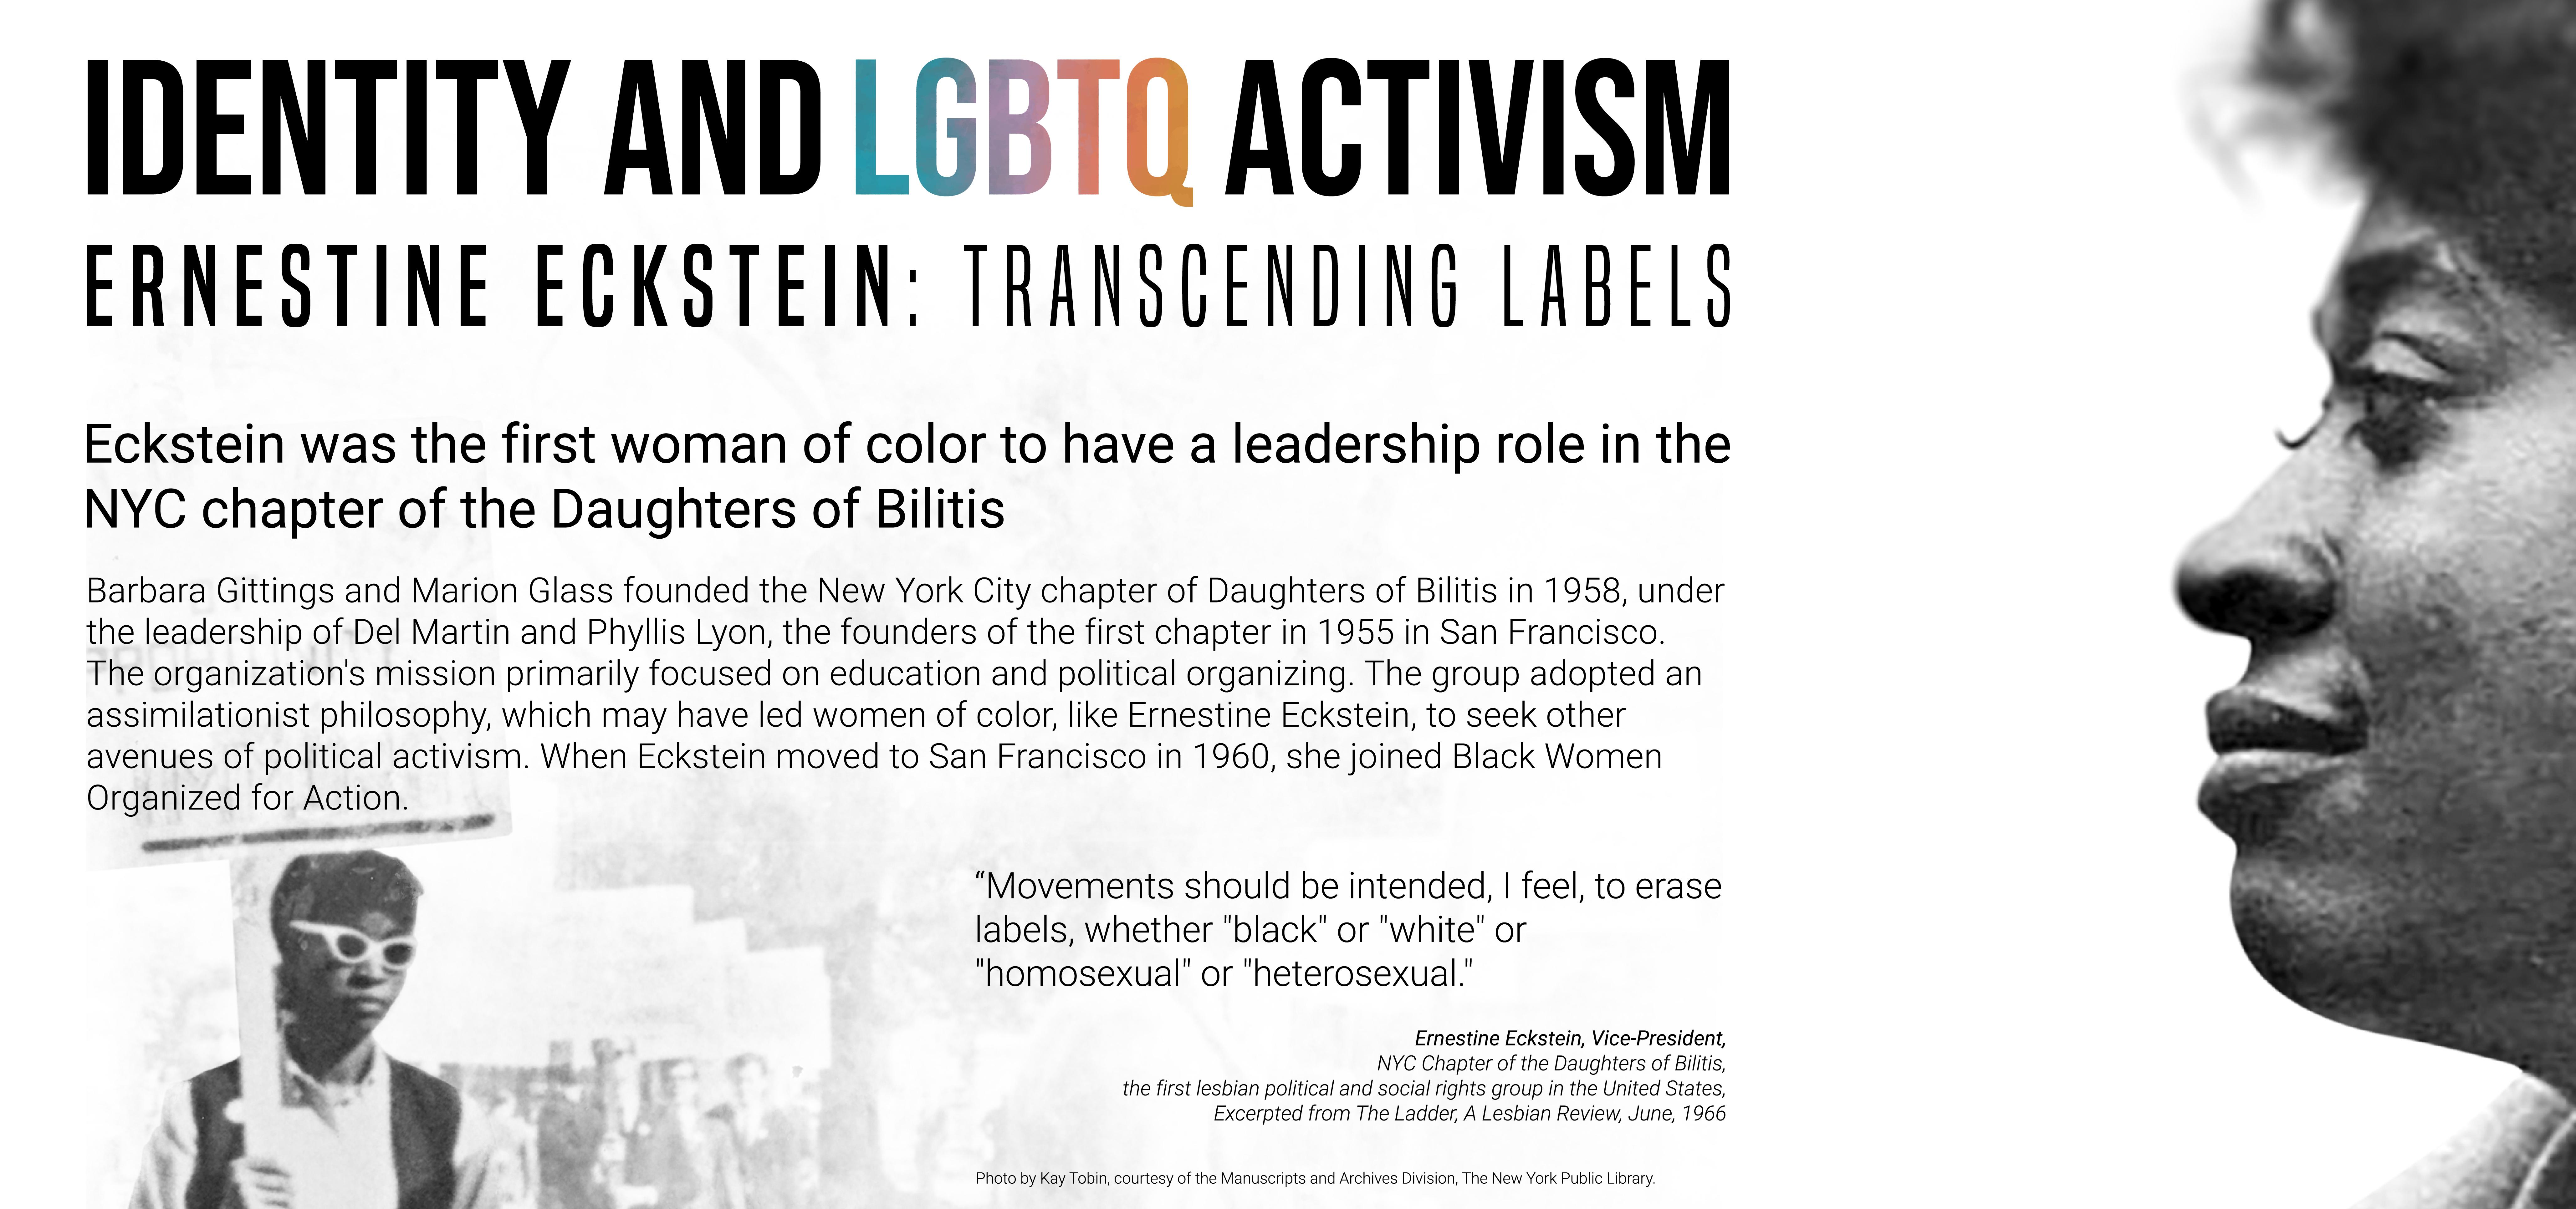 Ernestine Eckstein case study image